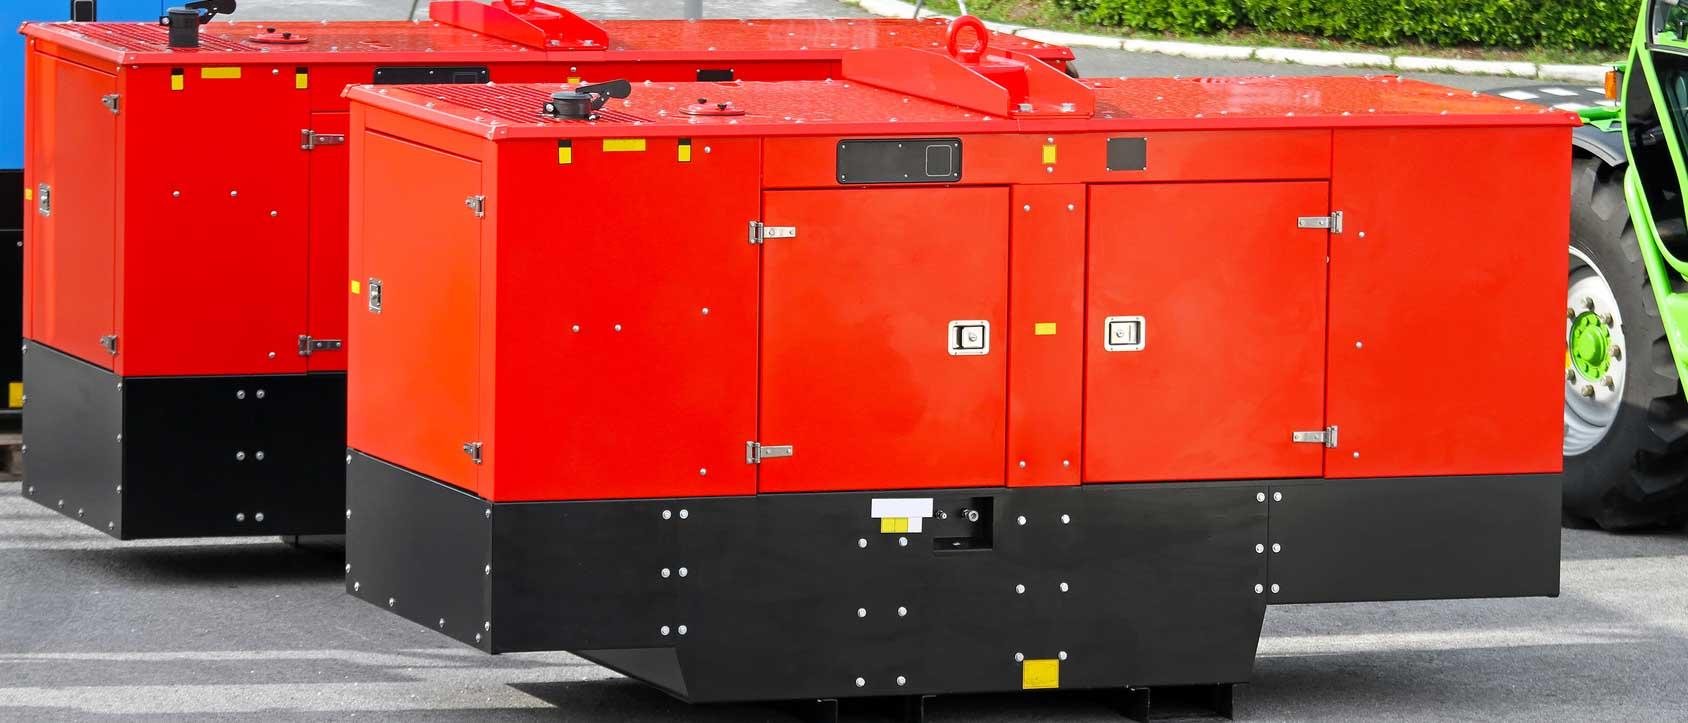 Reparatur von Generatoren und Notstromaggregate